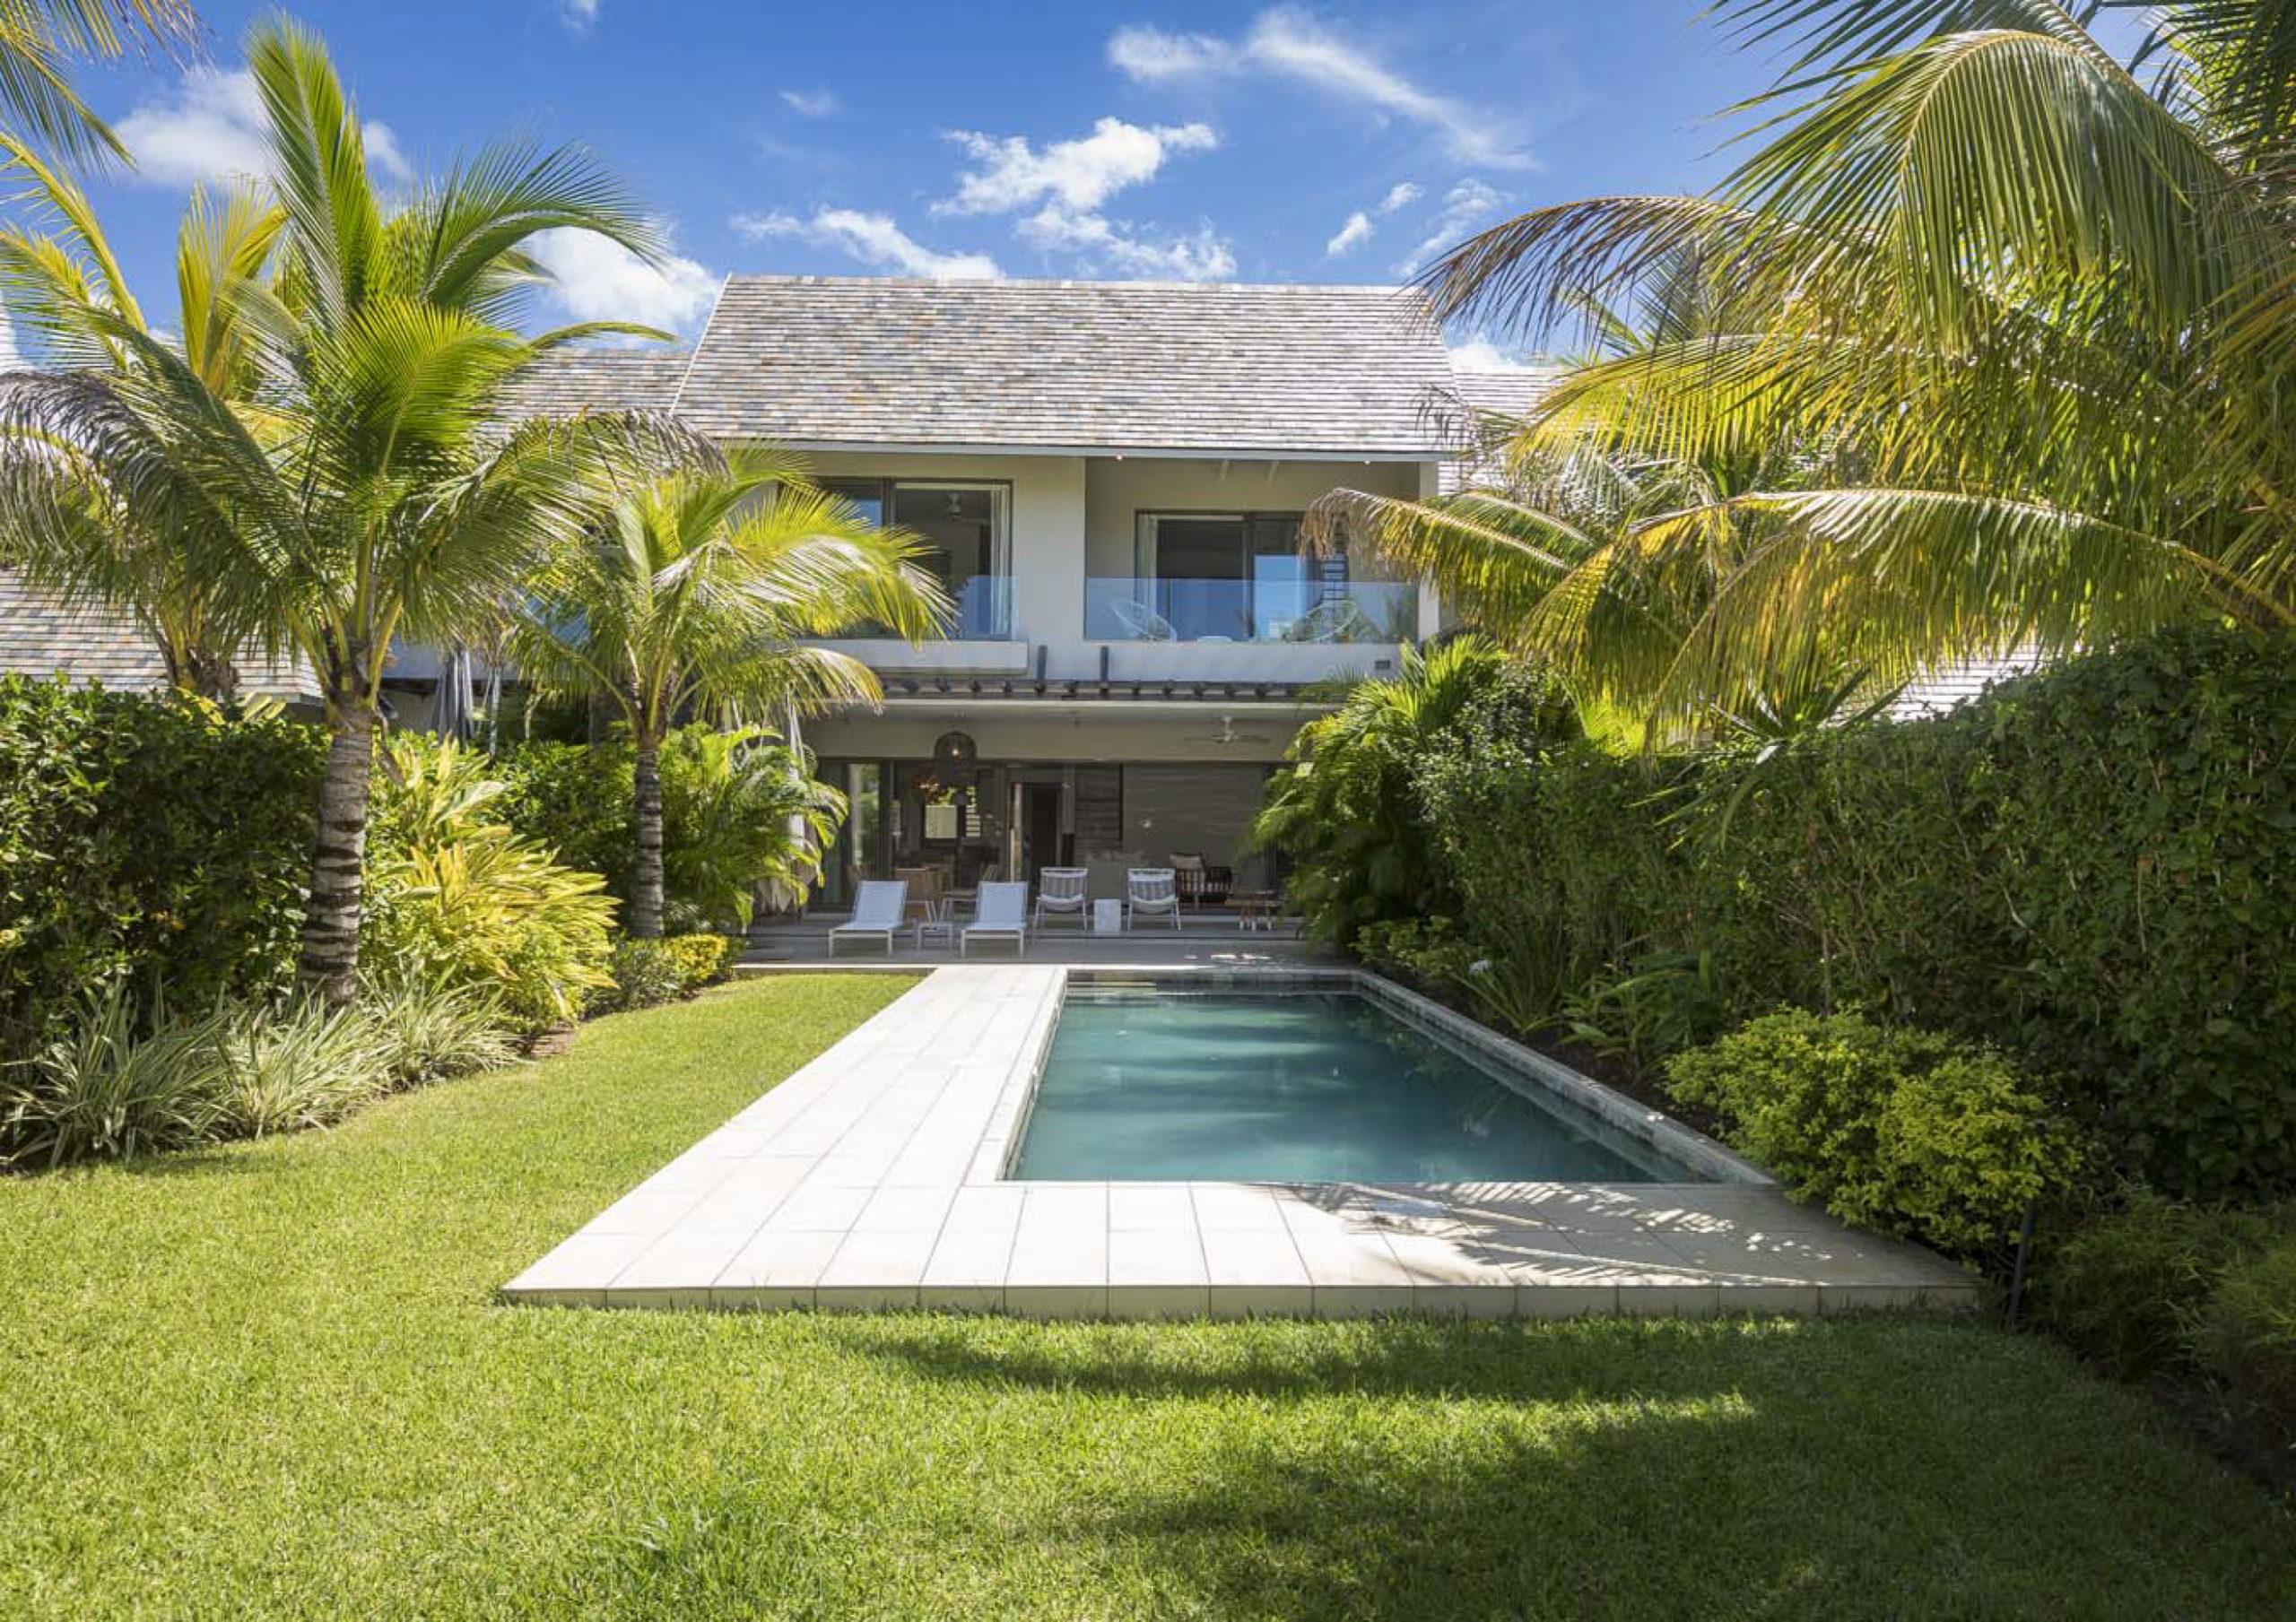 Villa jumelée IRS 3 chambres à vendre d'une superficie de 233 m2